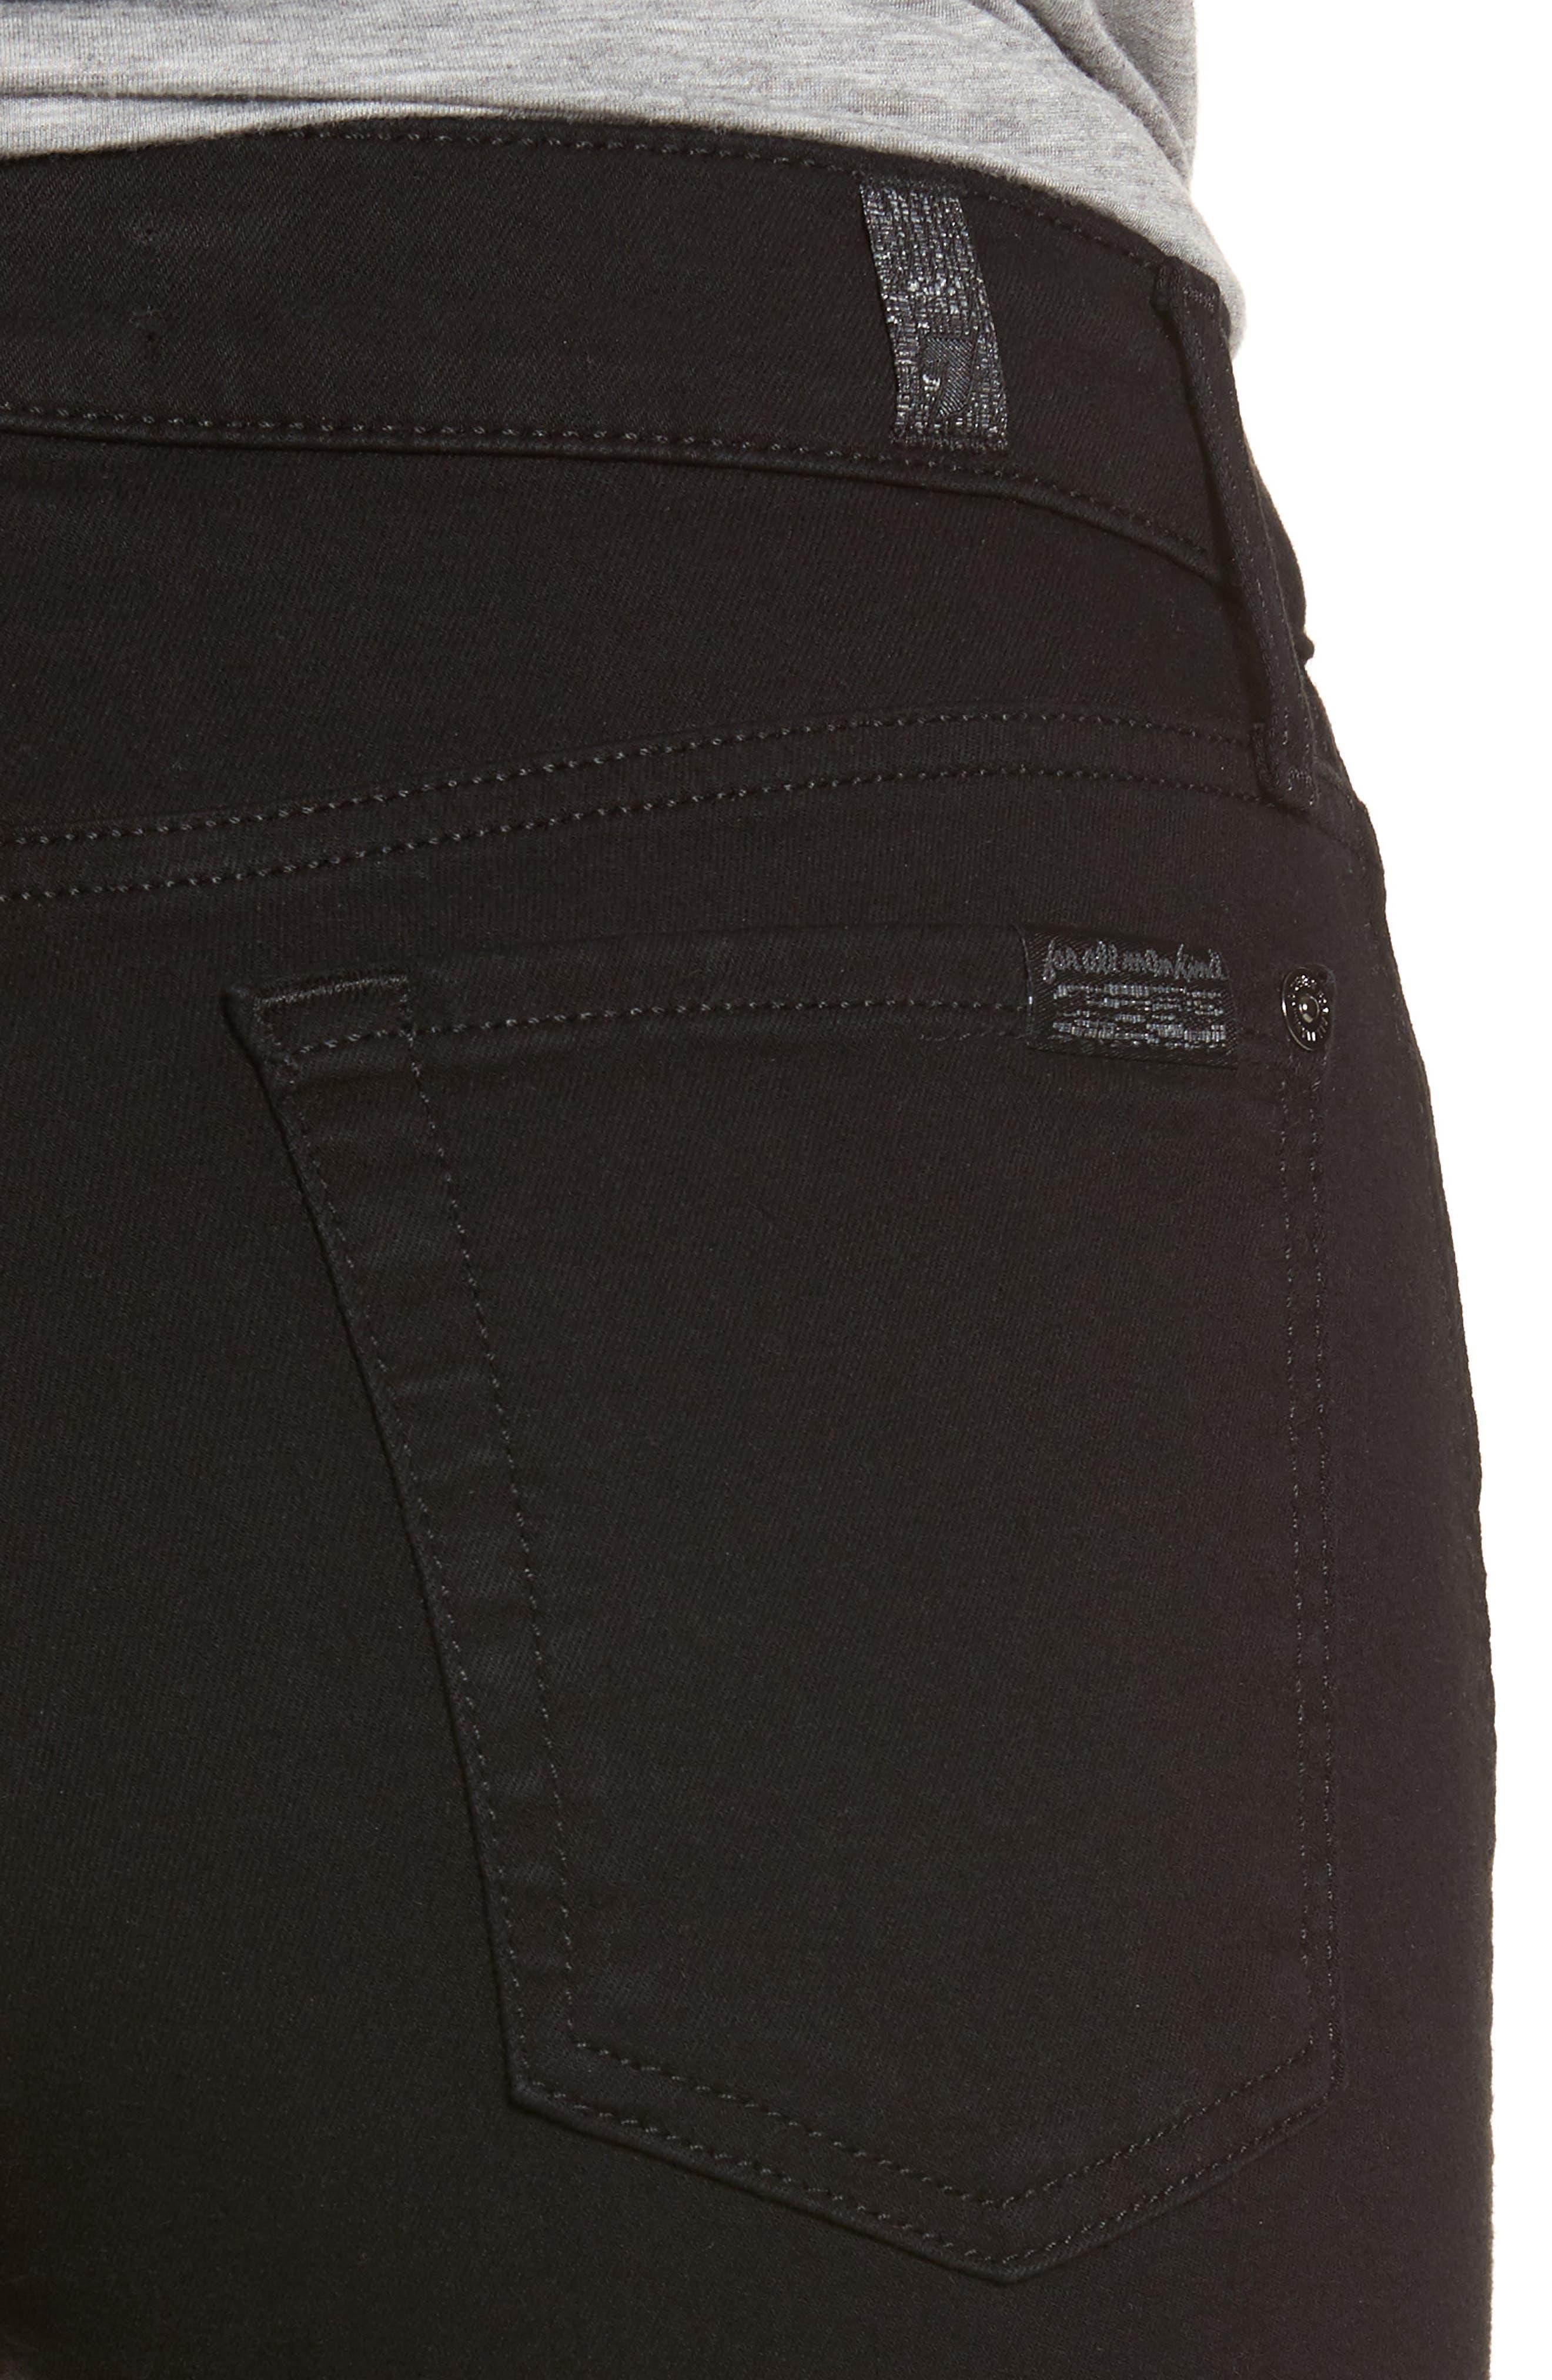 b(air) Crop Bootcut Jeans,                             Alternate thumbnail 4, color,                             B(AIR) BLACK